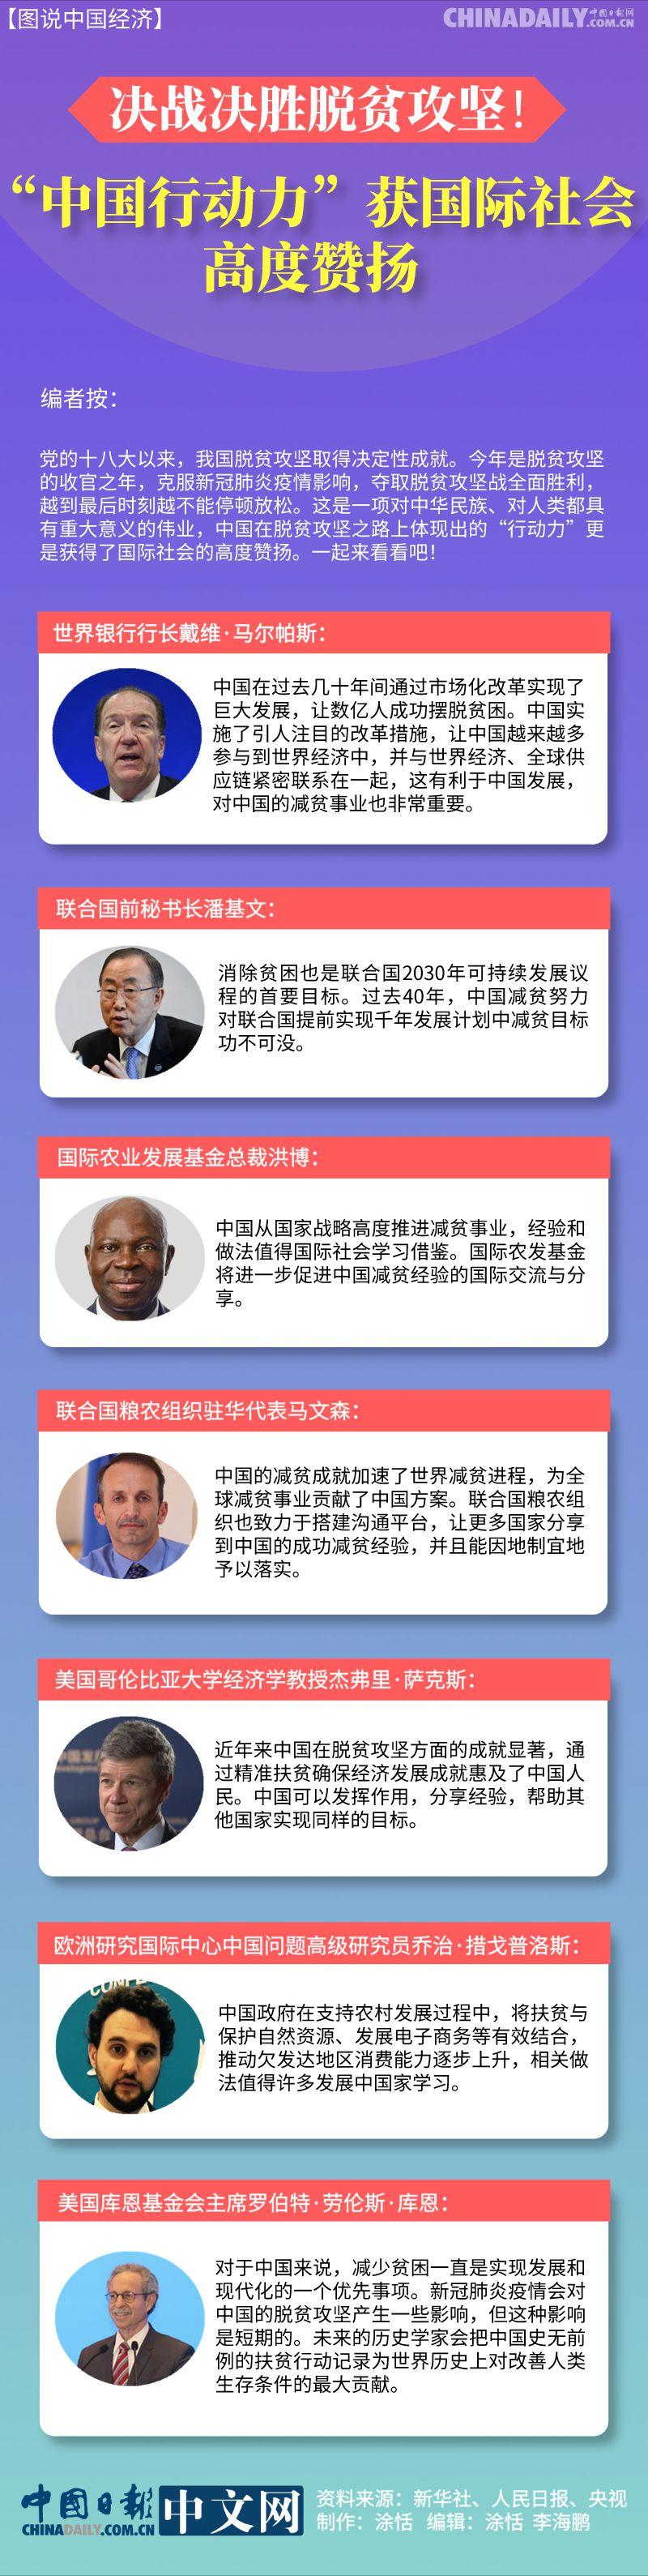 """决战决胜脱贫攻坚!""""中国行动力""""获国际社会高度赞扬"""